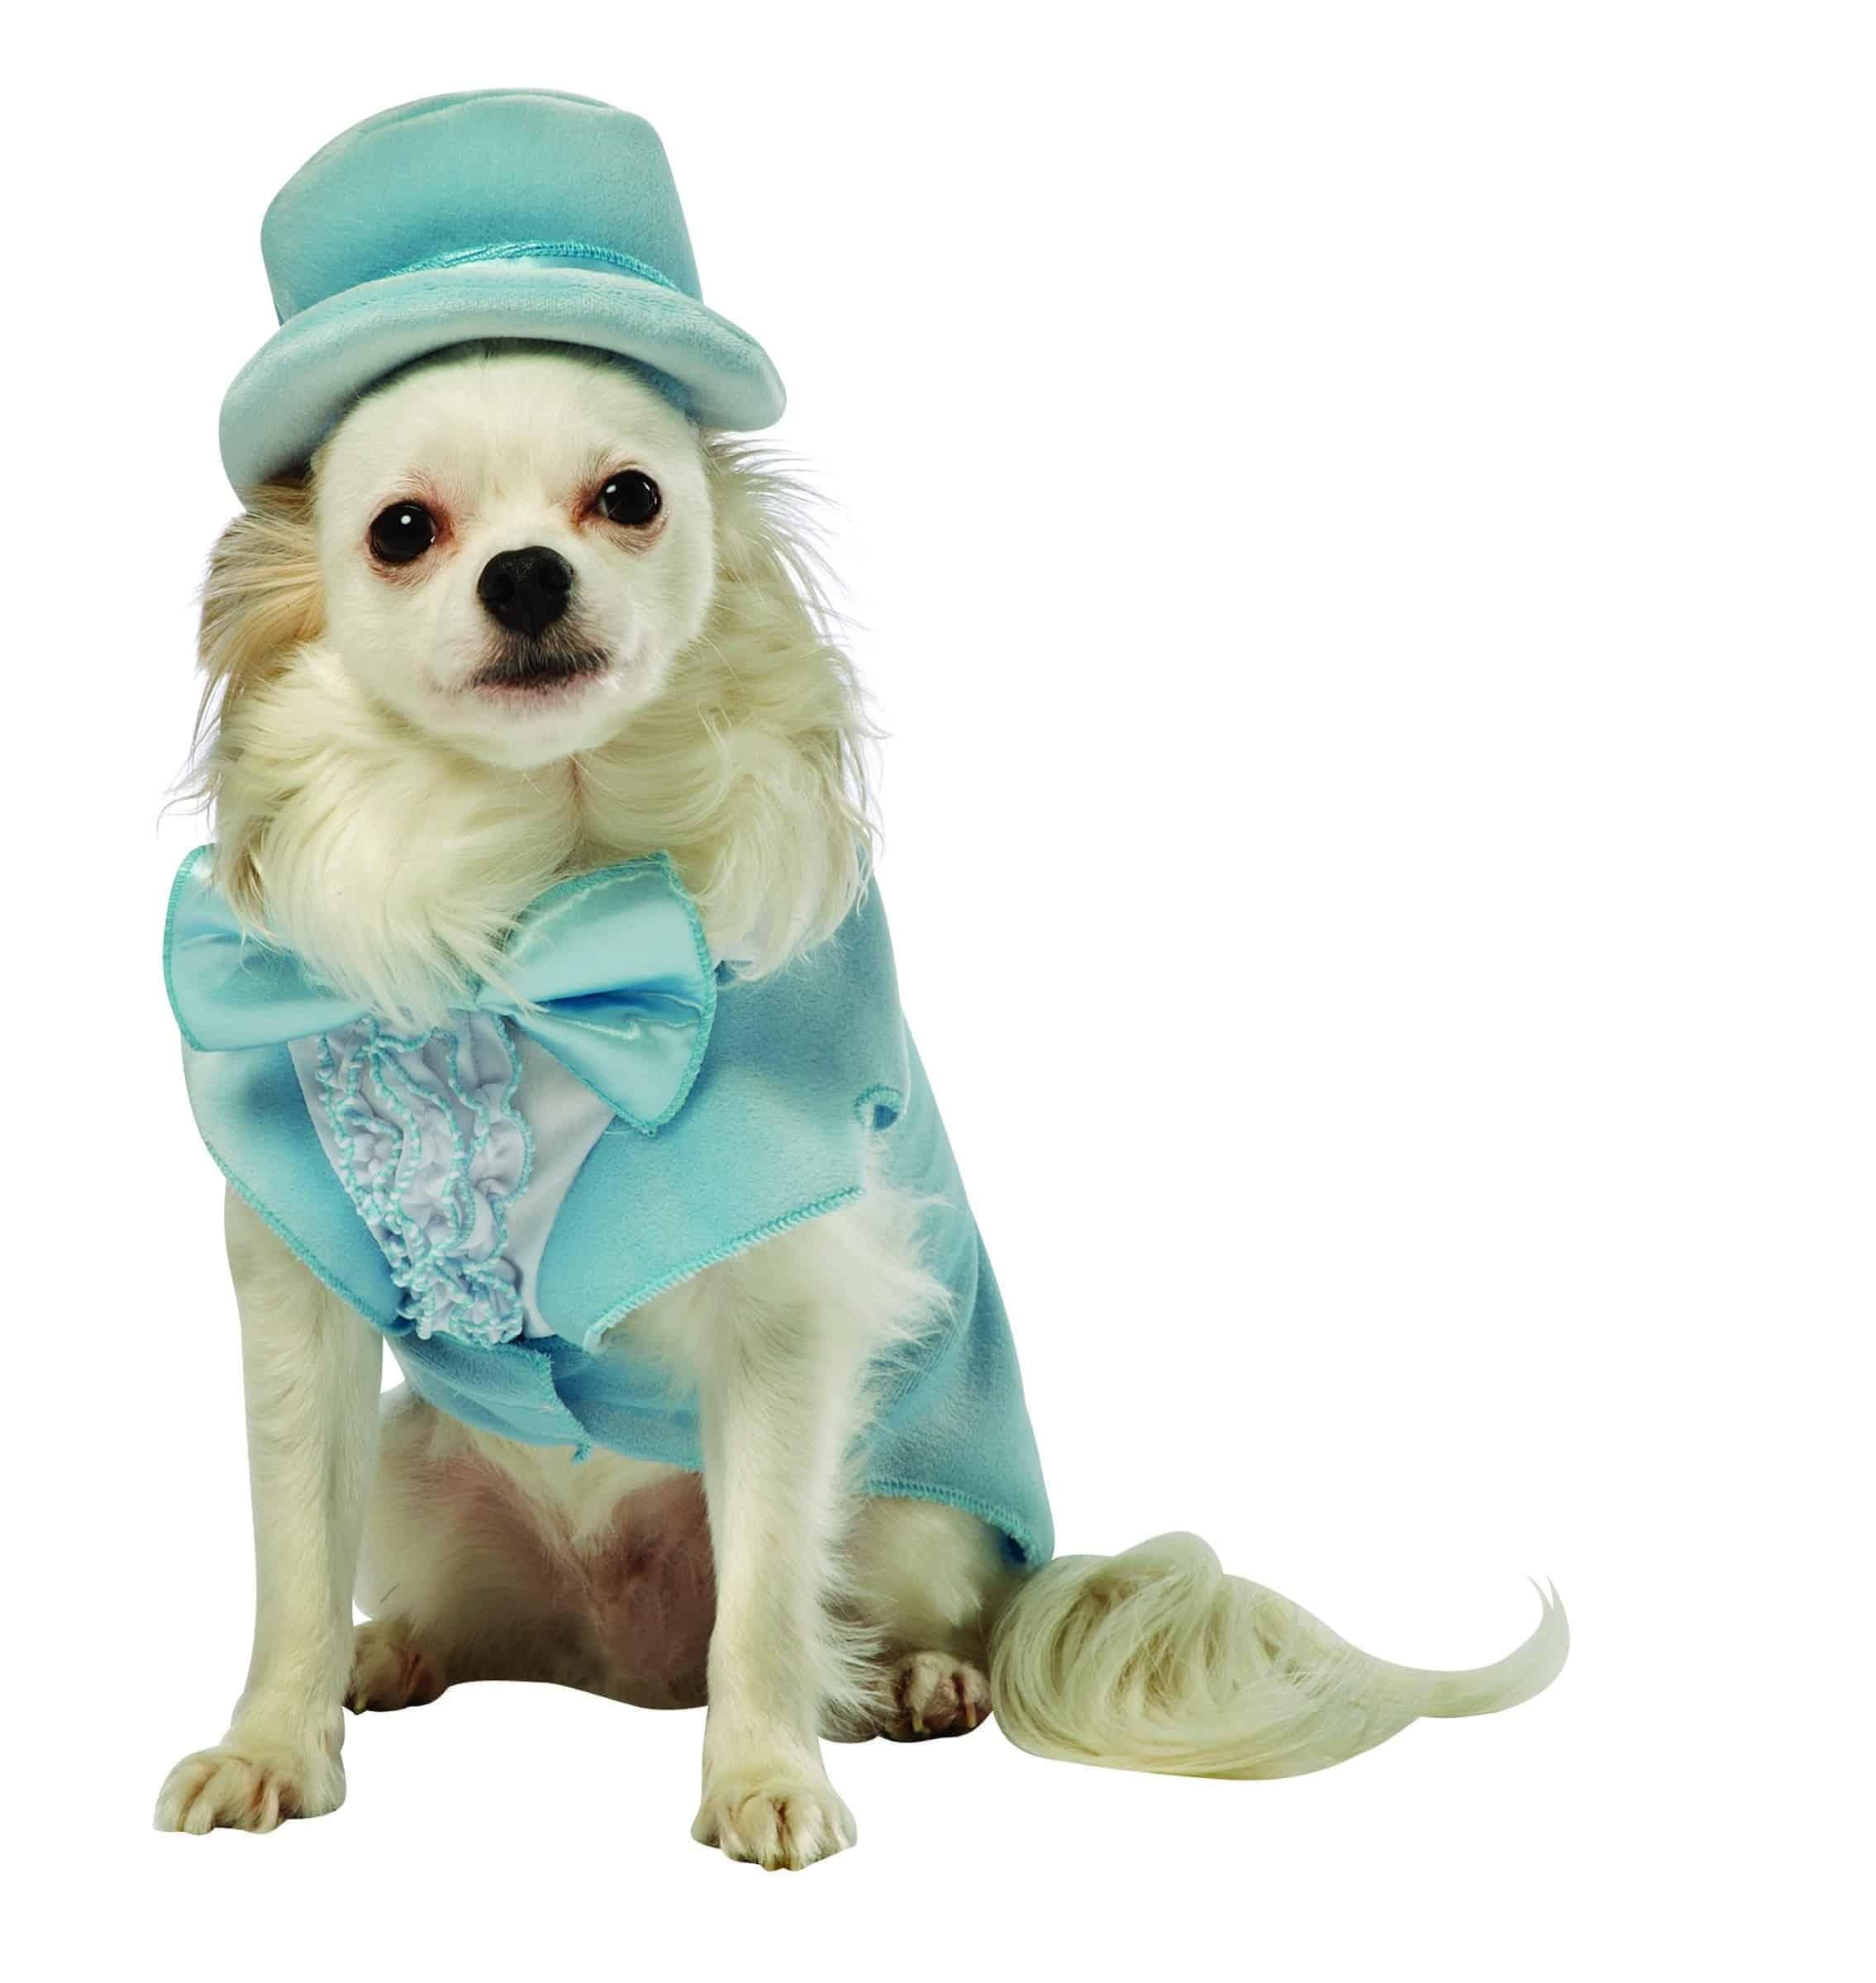 Dumb and Dumber Harry Dunne Tuxedo Dog Costume